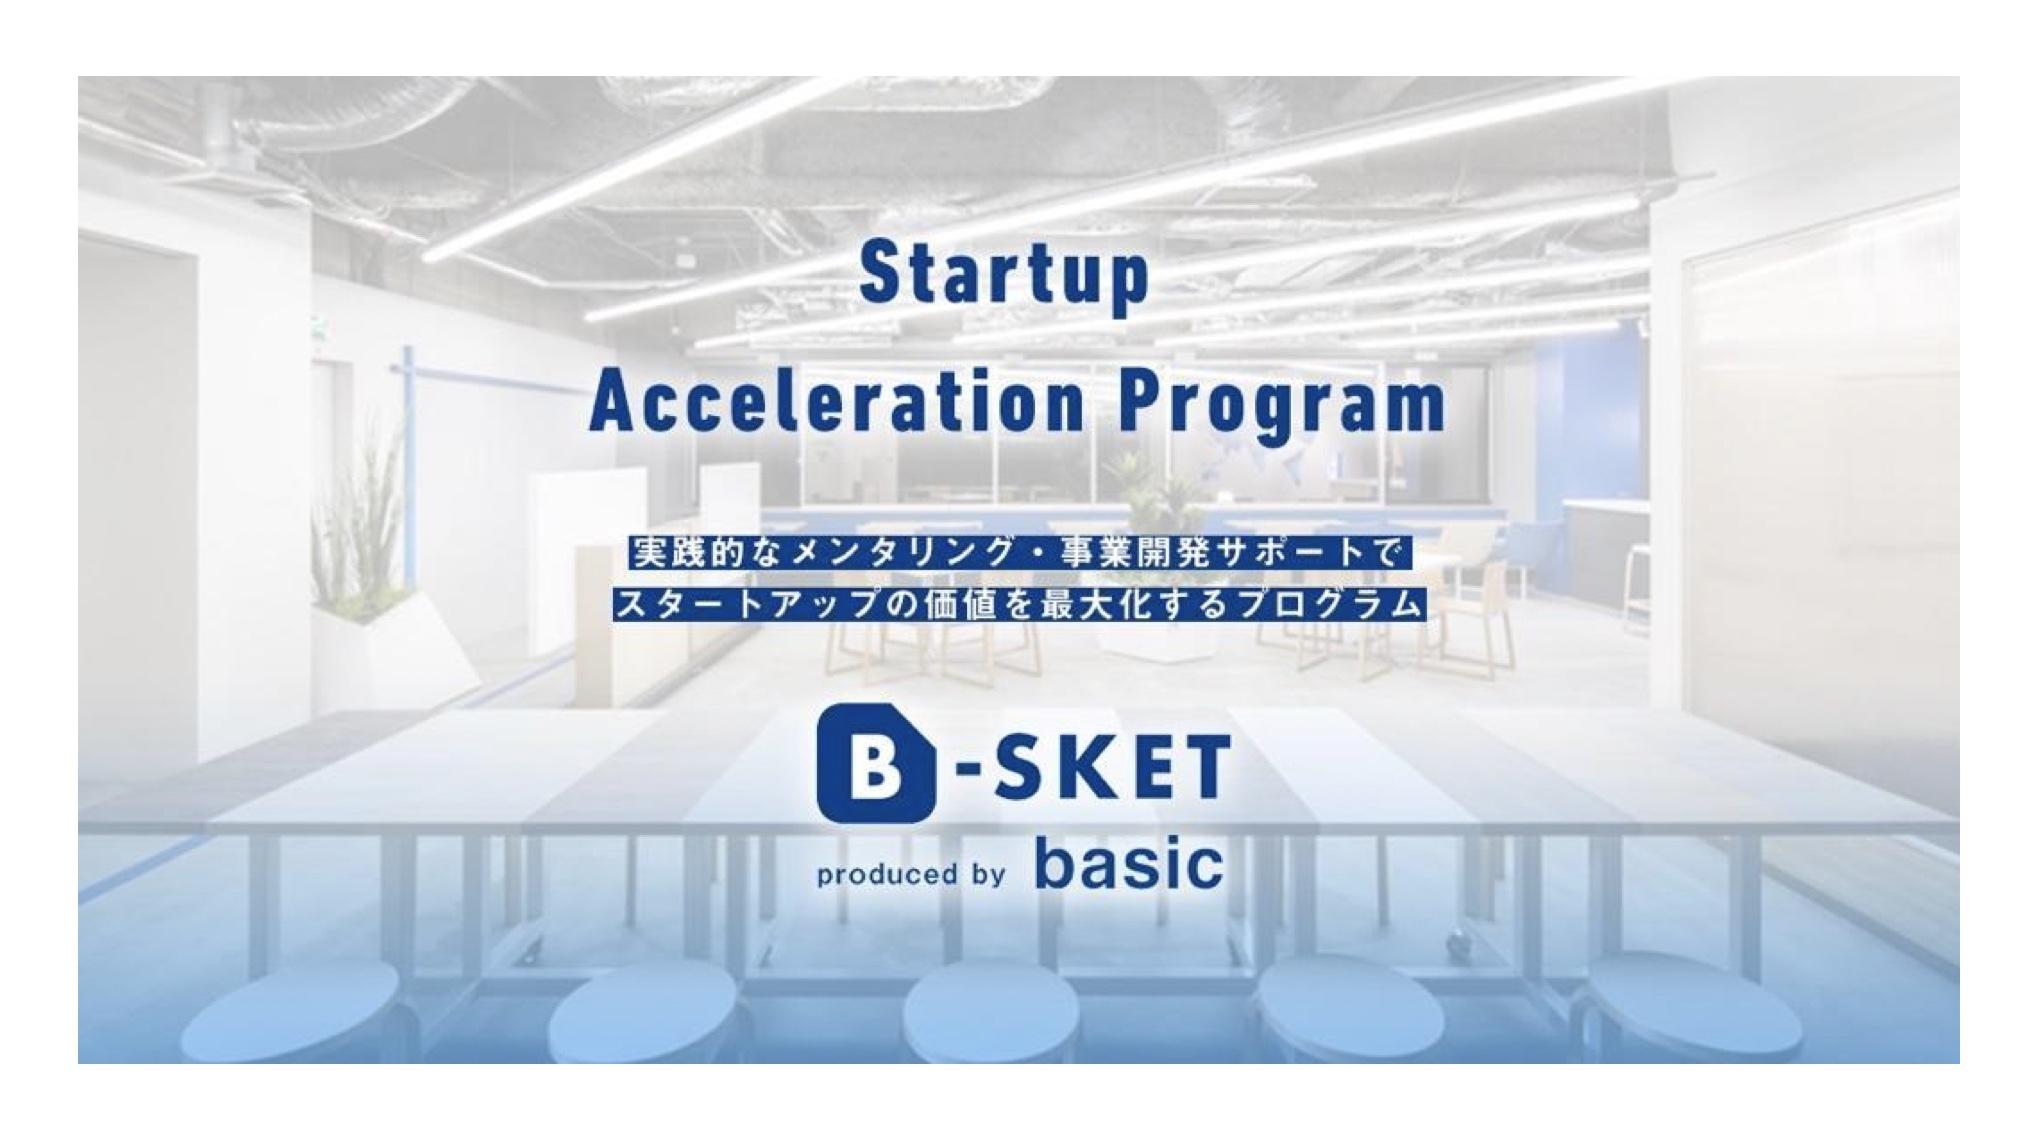 ベーシック | SaaS特化型のアクセラレータープログラム「B-SKET」第4弾の募集を開始